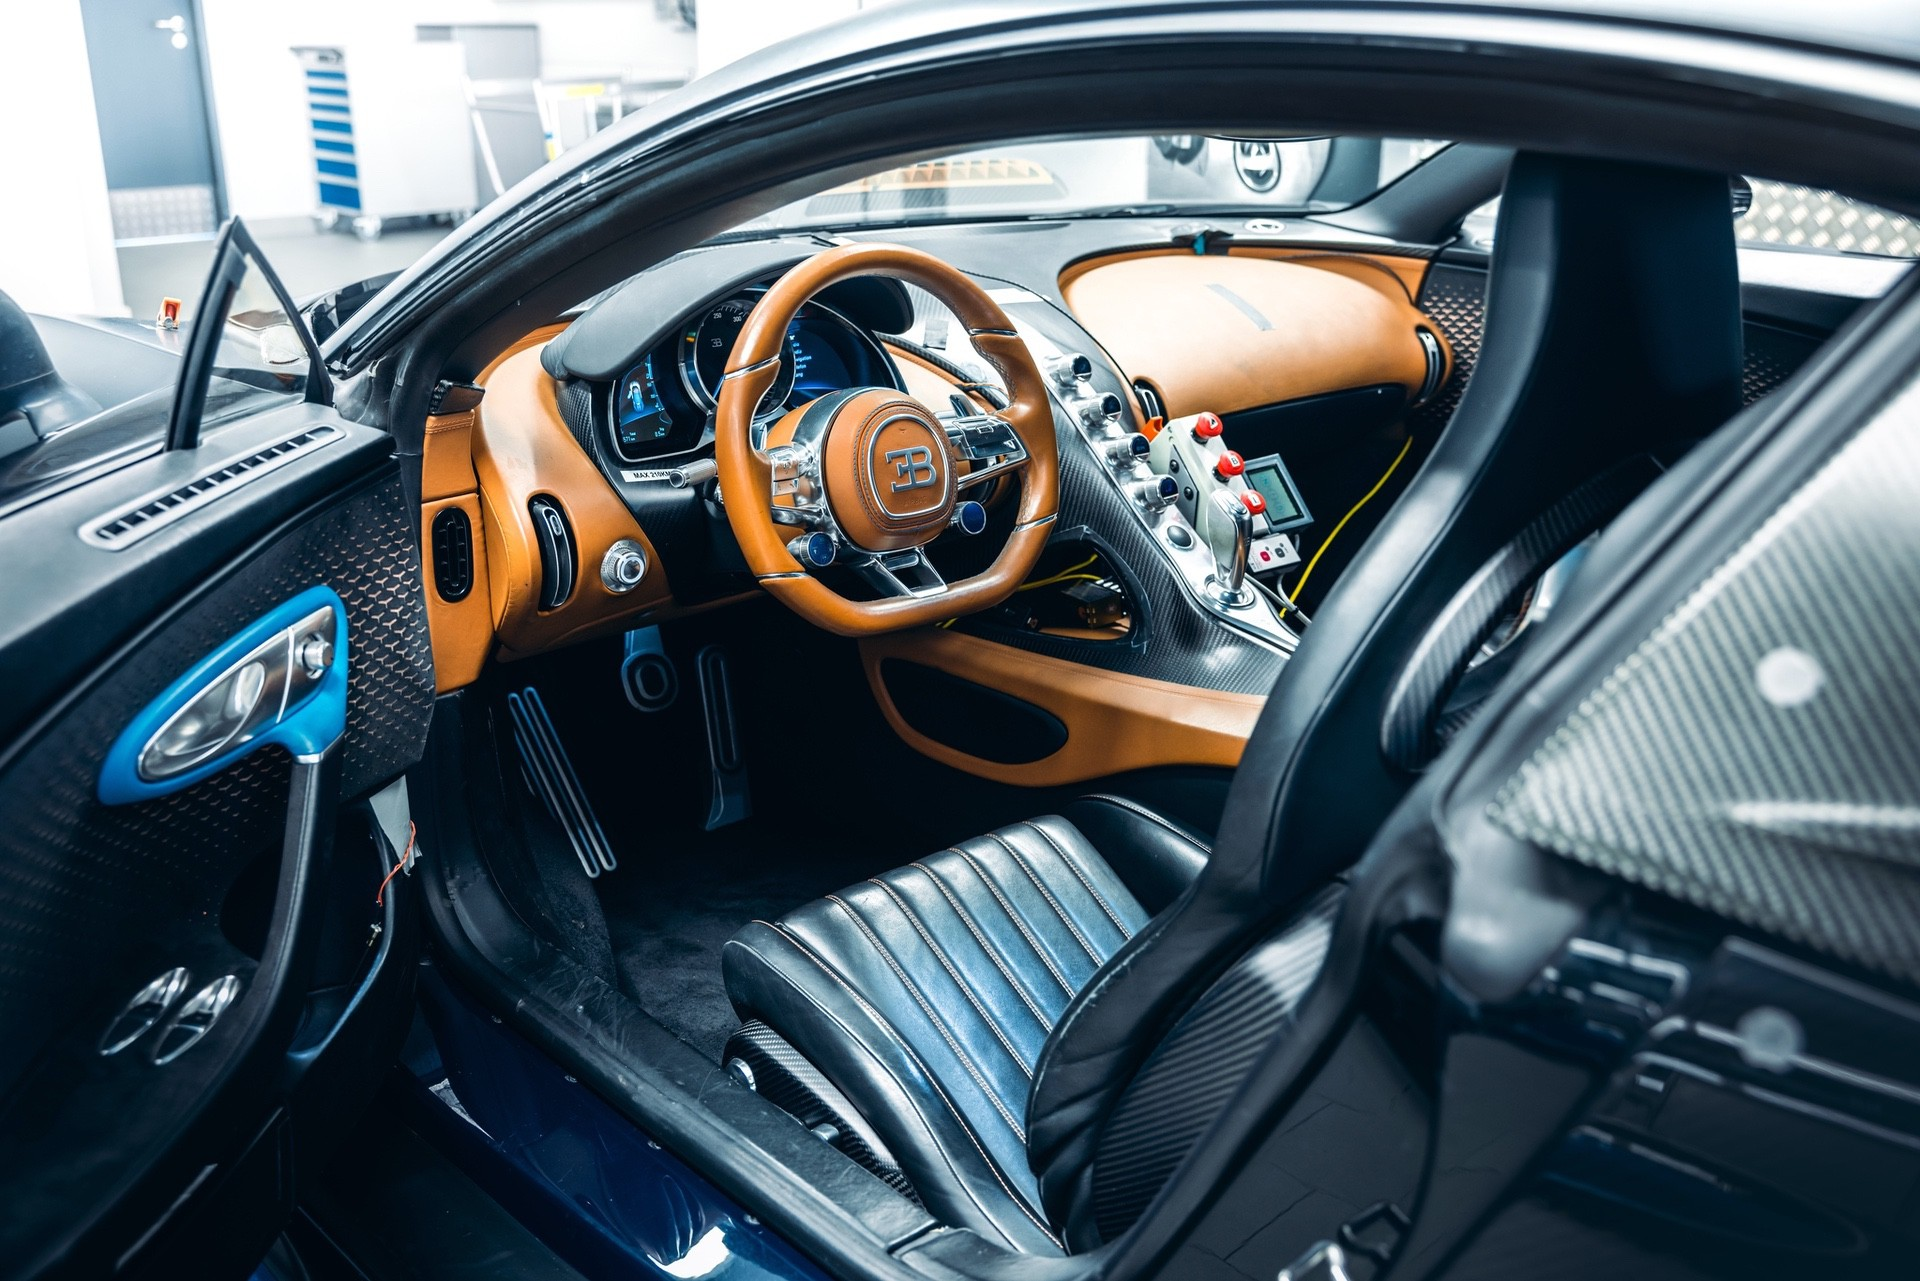 Bugatti_Chiron_Prototype_4-005-0010